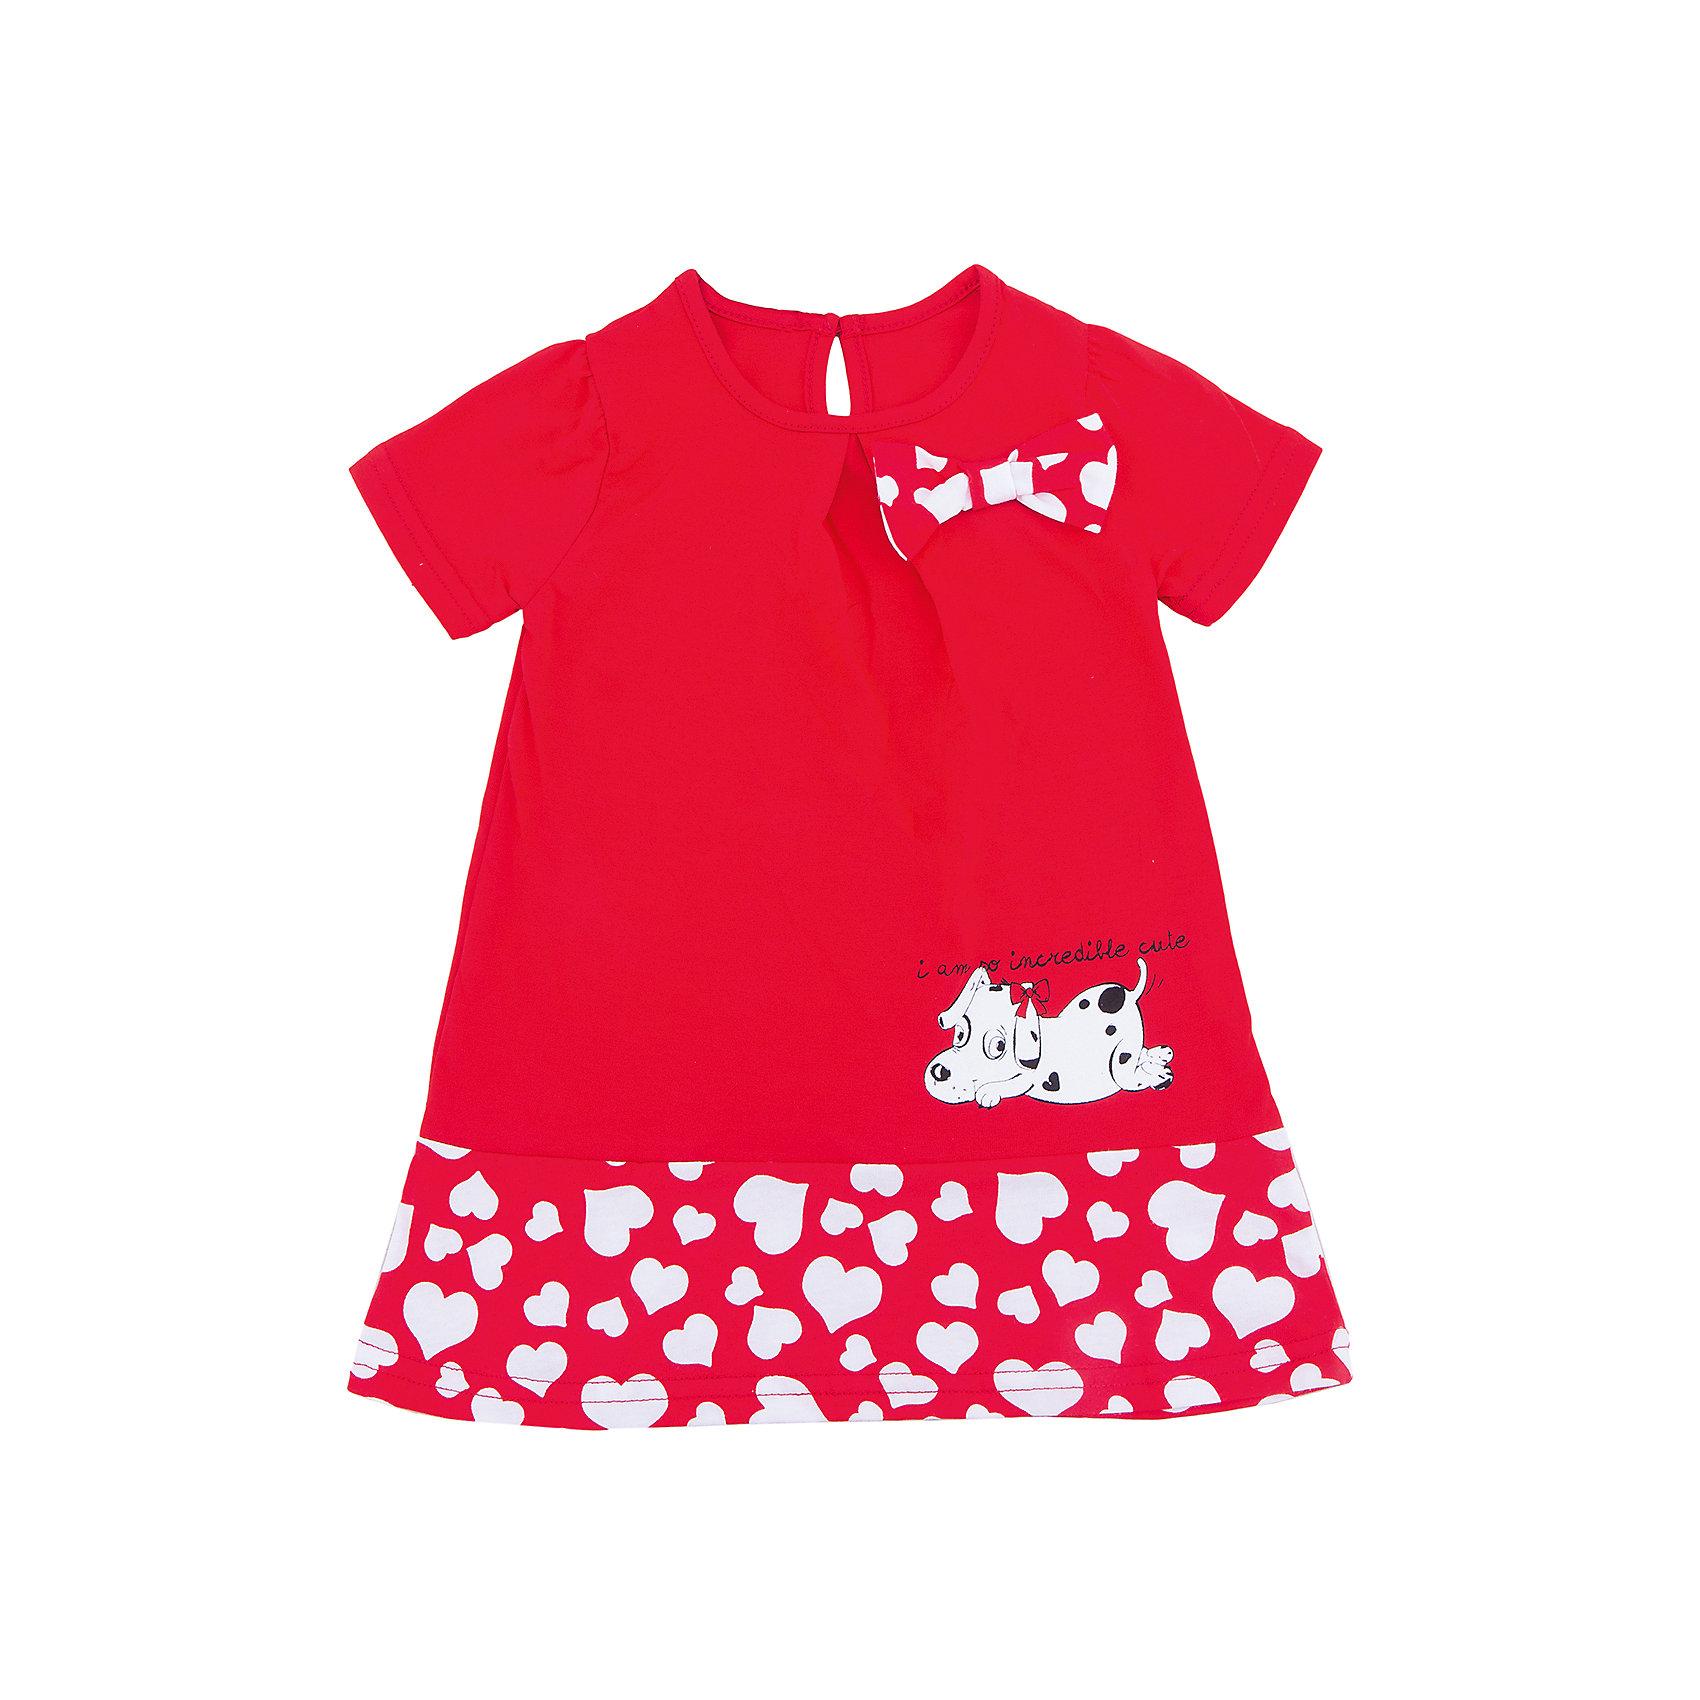 Платье для девочки АпрельПлатья и сарафаны<br>Характеристики товара:<br><br>• цвет: красный<br>• состав: 70% хлопок, 30% полиэстер<br>• короткие рукава<br>• округлый горловой вырез<br>• декорировано принтом<br>• бант<br>• застежка: пуговица<br>• комфортная посадка<br>• страна производитель: Российская Федерация<br>• страна бренда: Российская Федерация<br><br>Это симпатичное платье - удобная и универсальная вещь, которая поможет разнообразить гардероб ребенка. Она комфортно ощущается на теле, хорошо садится по детской фигуре. Изделие отлично сочетается с различной обувью. Материал преимущественно состоит из хлопка, который не вызывает аллергии и позволяет коже дышать.<br><br>Платье для девочки от известного бренда Апрель можно купить в нашем интернет-магазине.<br><br>Ширина мм: 236<br>Глубина мм: 16<br>Высота мм: 184<br>Вес г: 177<br>Цвет: красный<br>Возраст от месяцев: 60<br>Возраст до месяцев: 72<br>Пол: Женский<br>Возраст: Детский<br>Размер: 104,110,116,86,92,98<br>SKU: 5438468